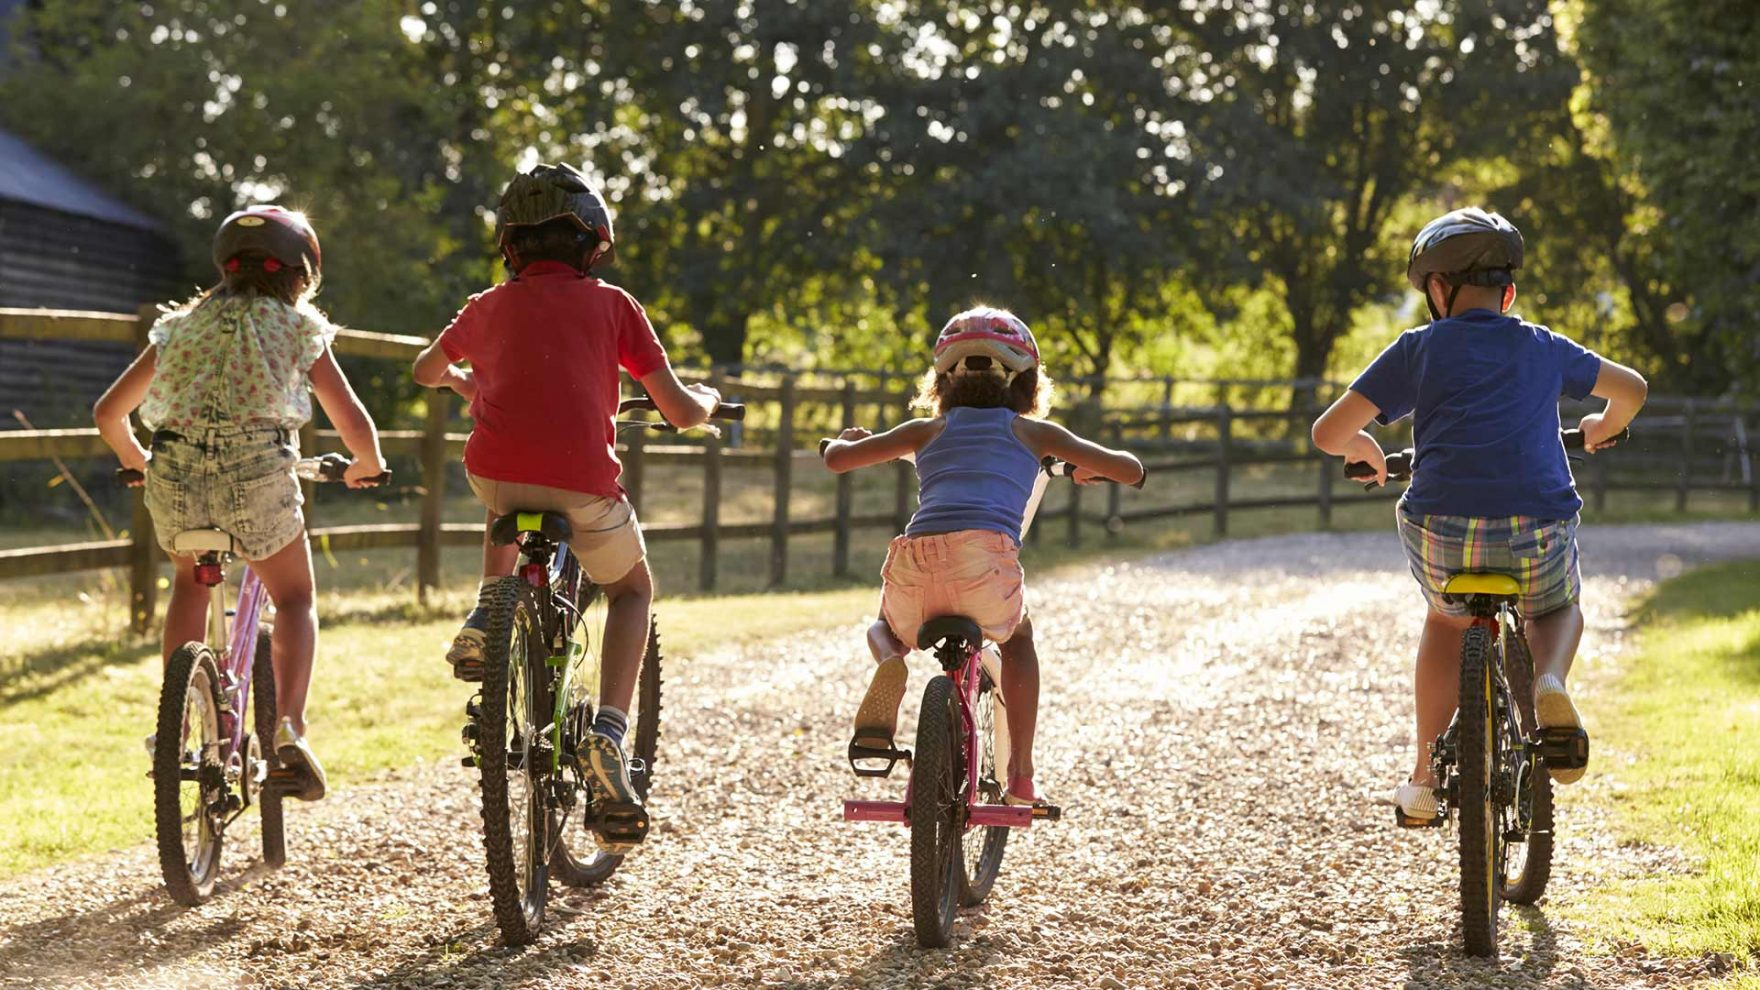 Tour in bicicletta con i bambini - Merano e dintorni